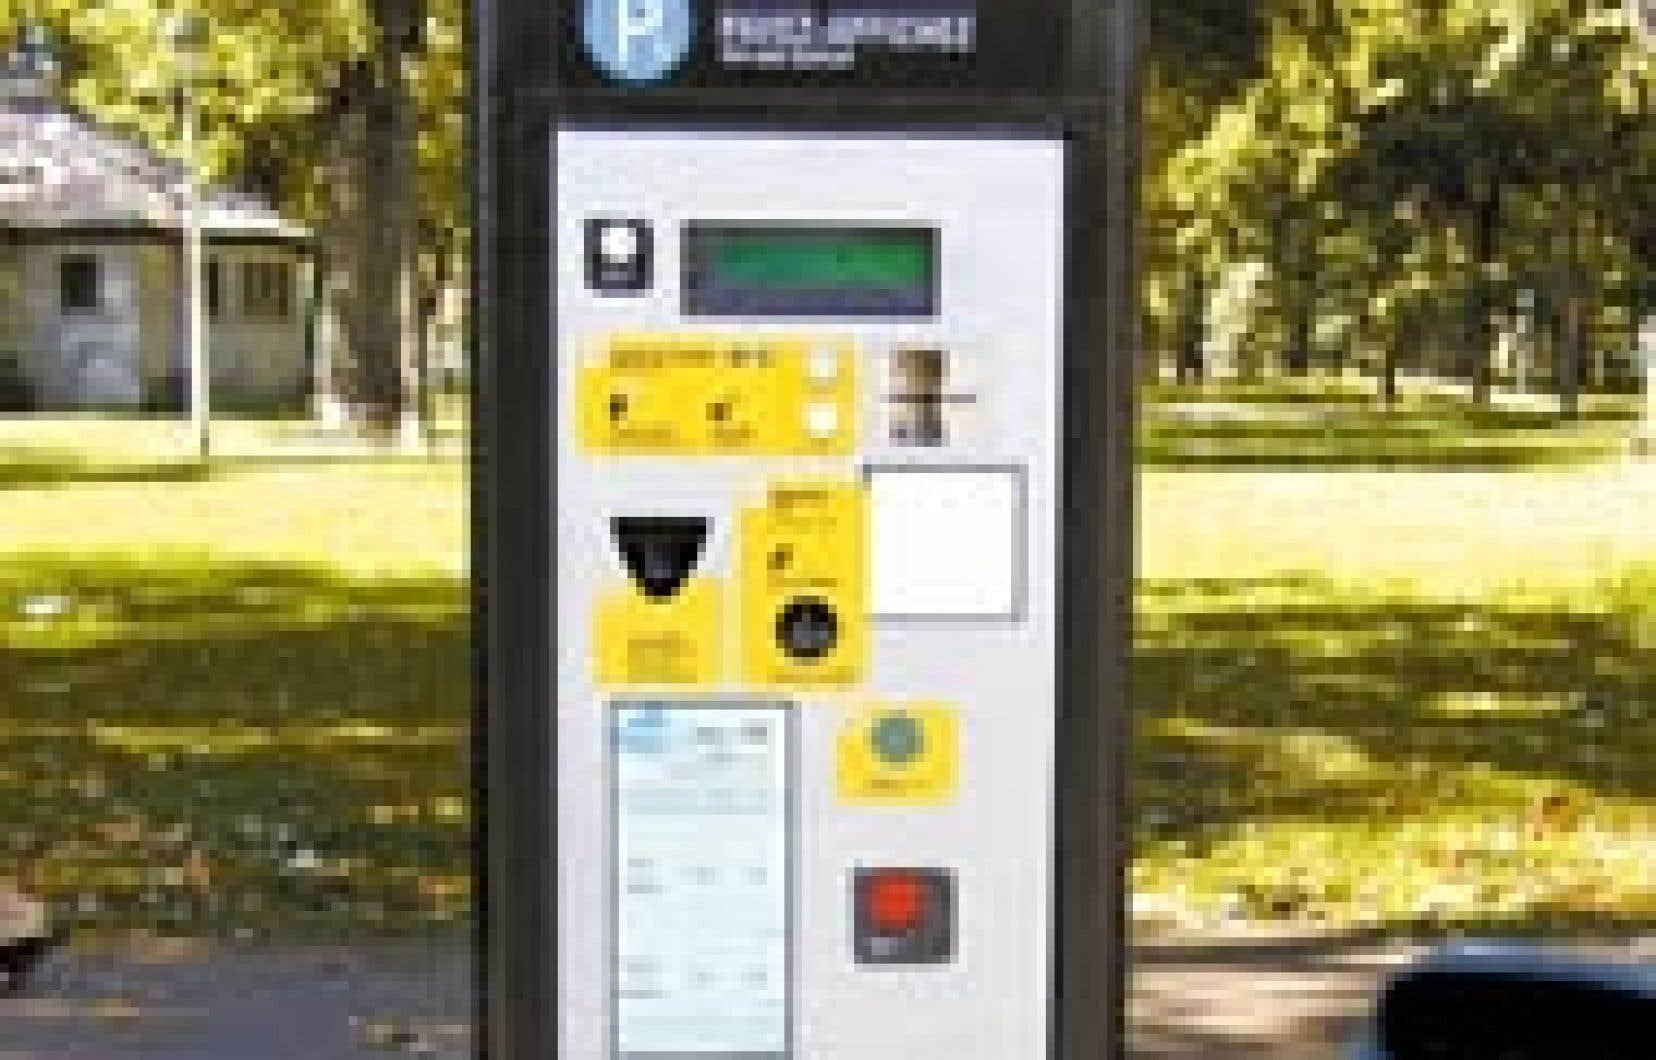 Avec cette technologie nouvelle, l'automobiliste gare son véhicule, prend en note son numéro de place de stationnement, se rend ensuite à la borne pour payer la durée voulue et repart avec son reçu sans avoir à l'afficher dans son auto. — Pho